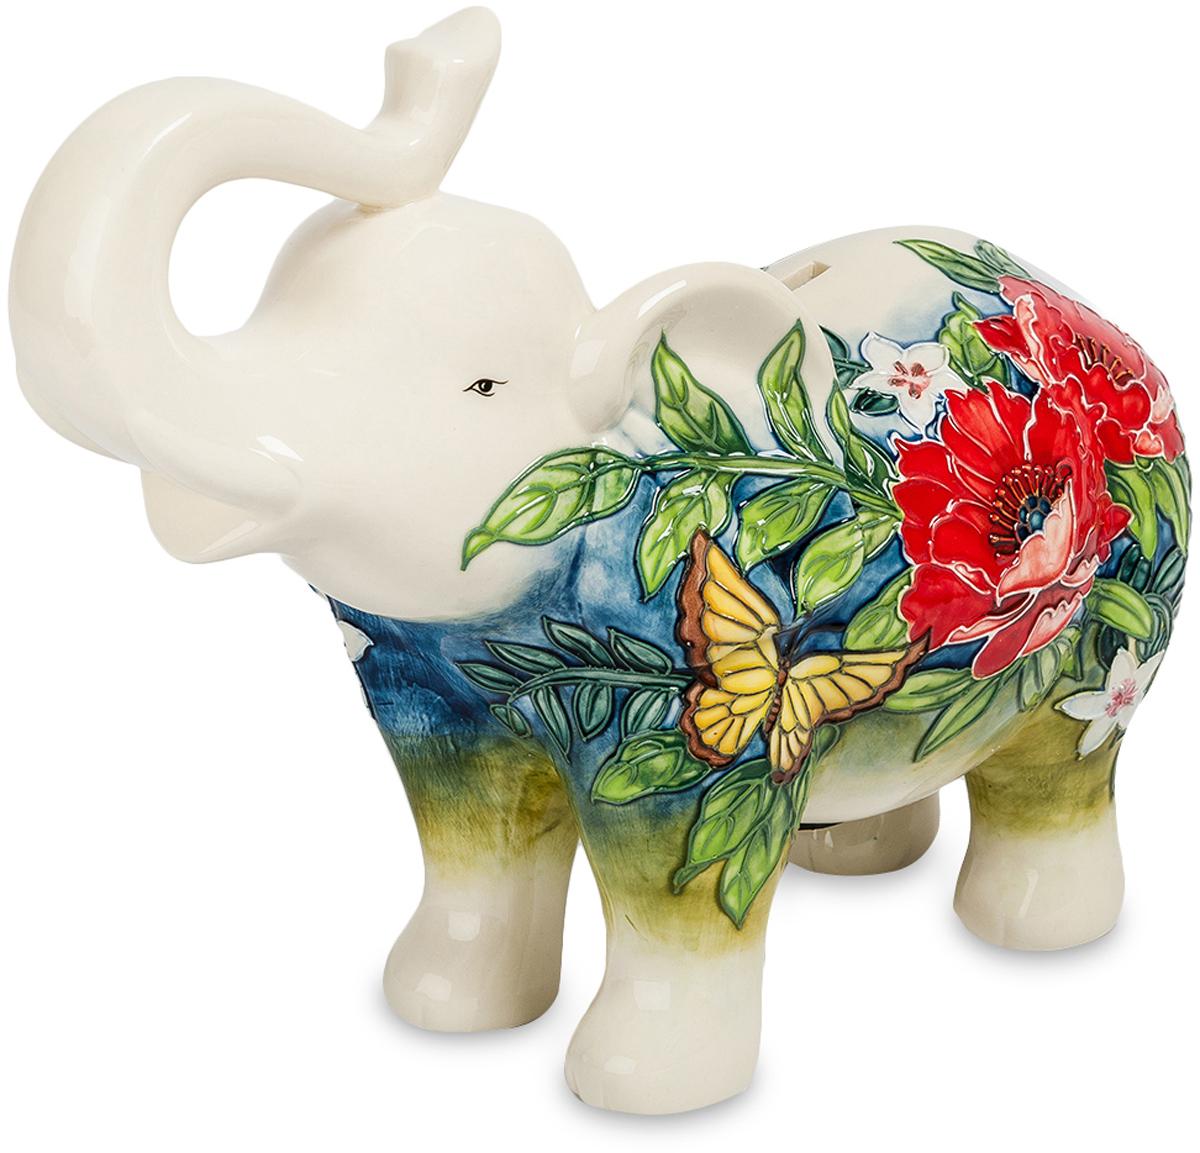 Копилка Pavone Слон. JP-158/ 5JP-158/ 5Фигурка Слона высотой 22 см. Слон, хоть и добрый, но денежку вашу охранять будет как настоящий лев! Упитанный и довольный жизнью белый слон приглашает экономить деньги, собирая металлическую мелочь. Статуэтка имеет прорезь в спине, что превращает её в классическую копилку. Фарфор украшен флористическим орнаментом, в котором, среди листьев и роскошных цветов, скромно притаилась жёлтая бабочка. Рисунок защищён с помощью блестящей глазури. Копилка белый слон поставляется в коробке с обивкой под синий бархат.